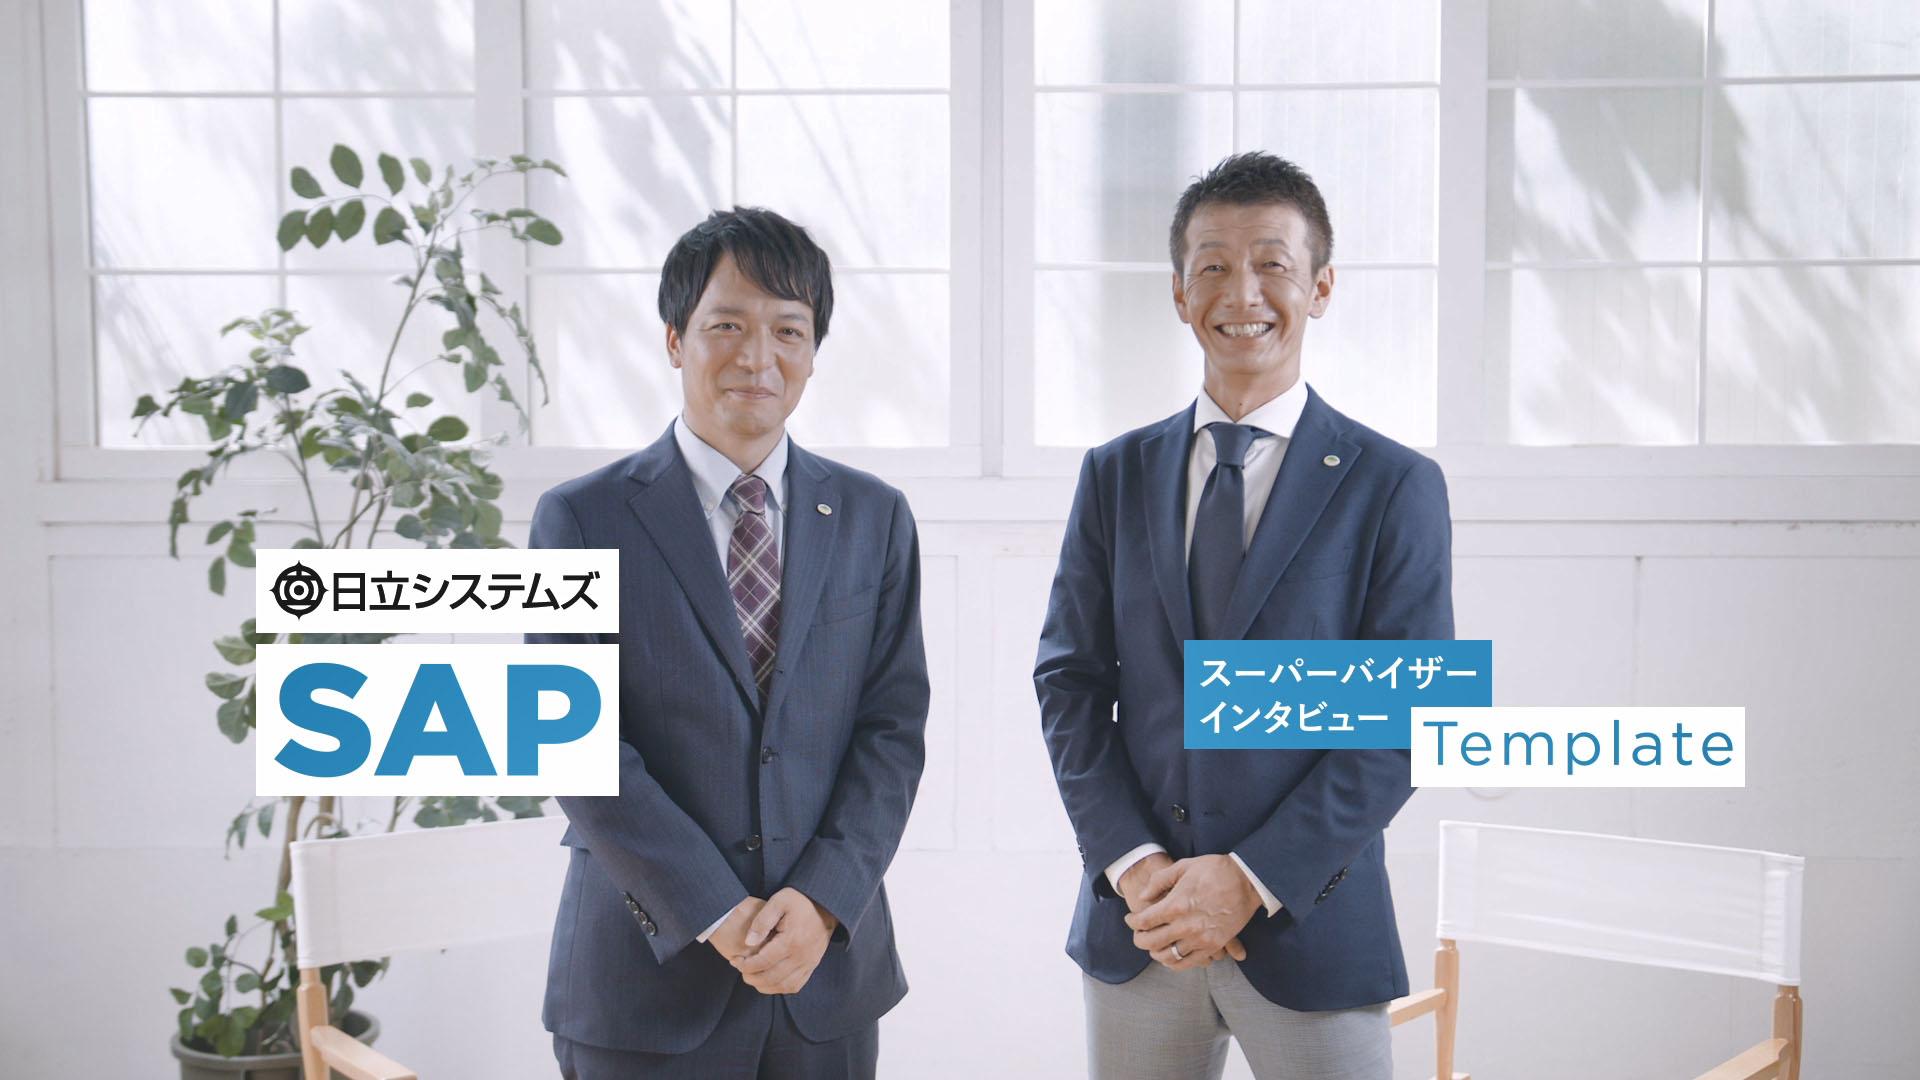 SAP S/4HANA スーパーバイザーインタビュー テンプレート編